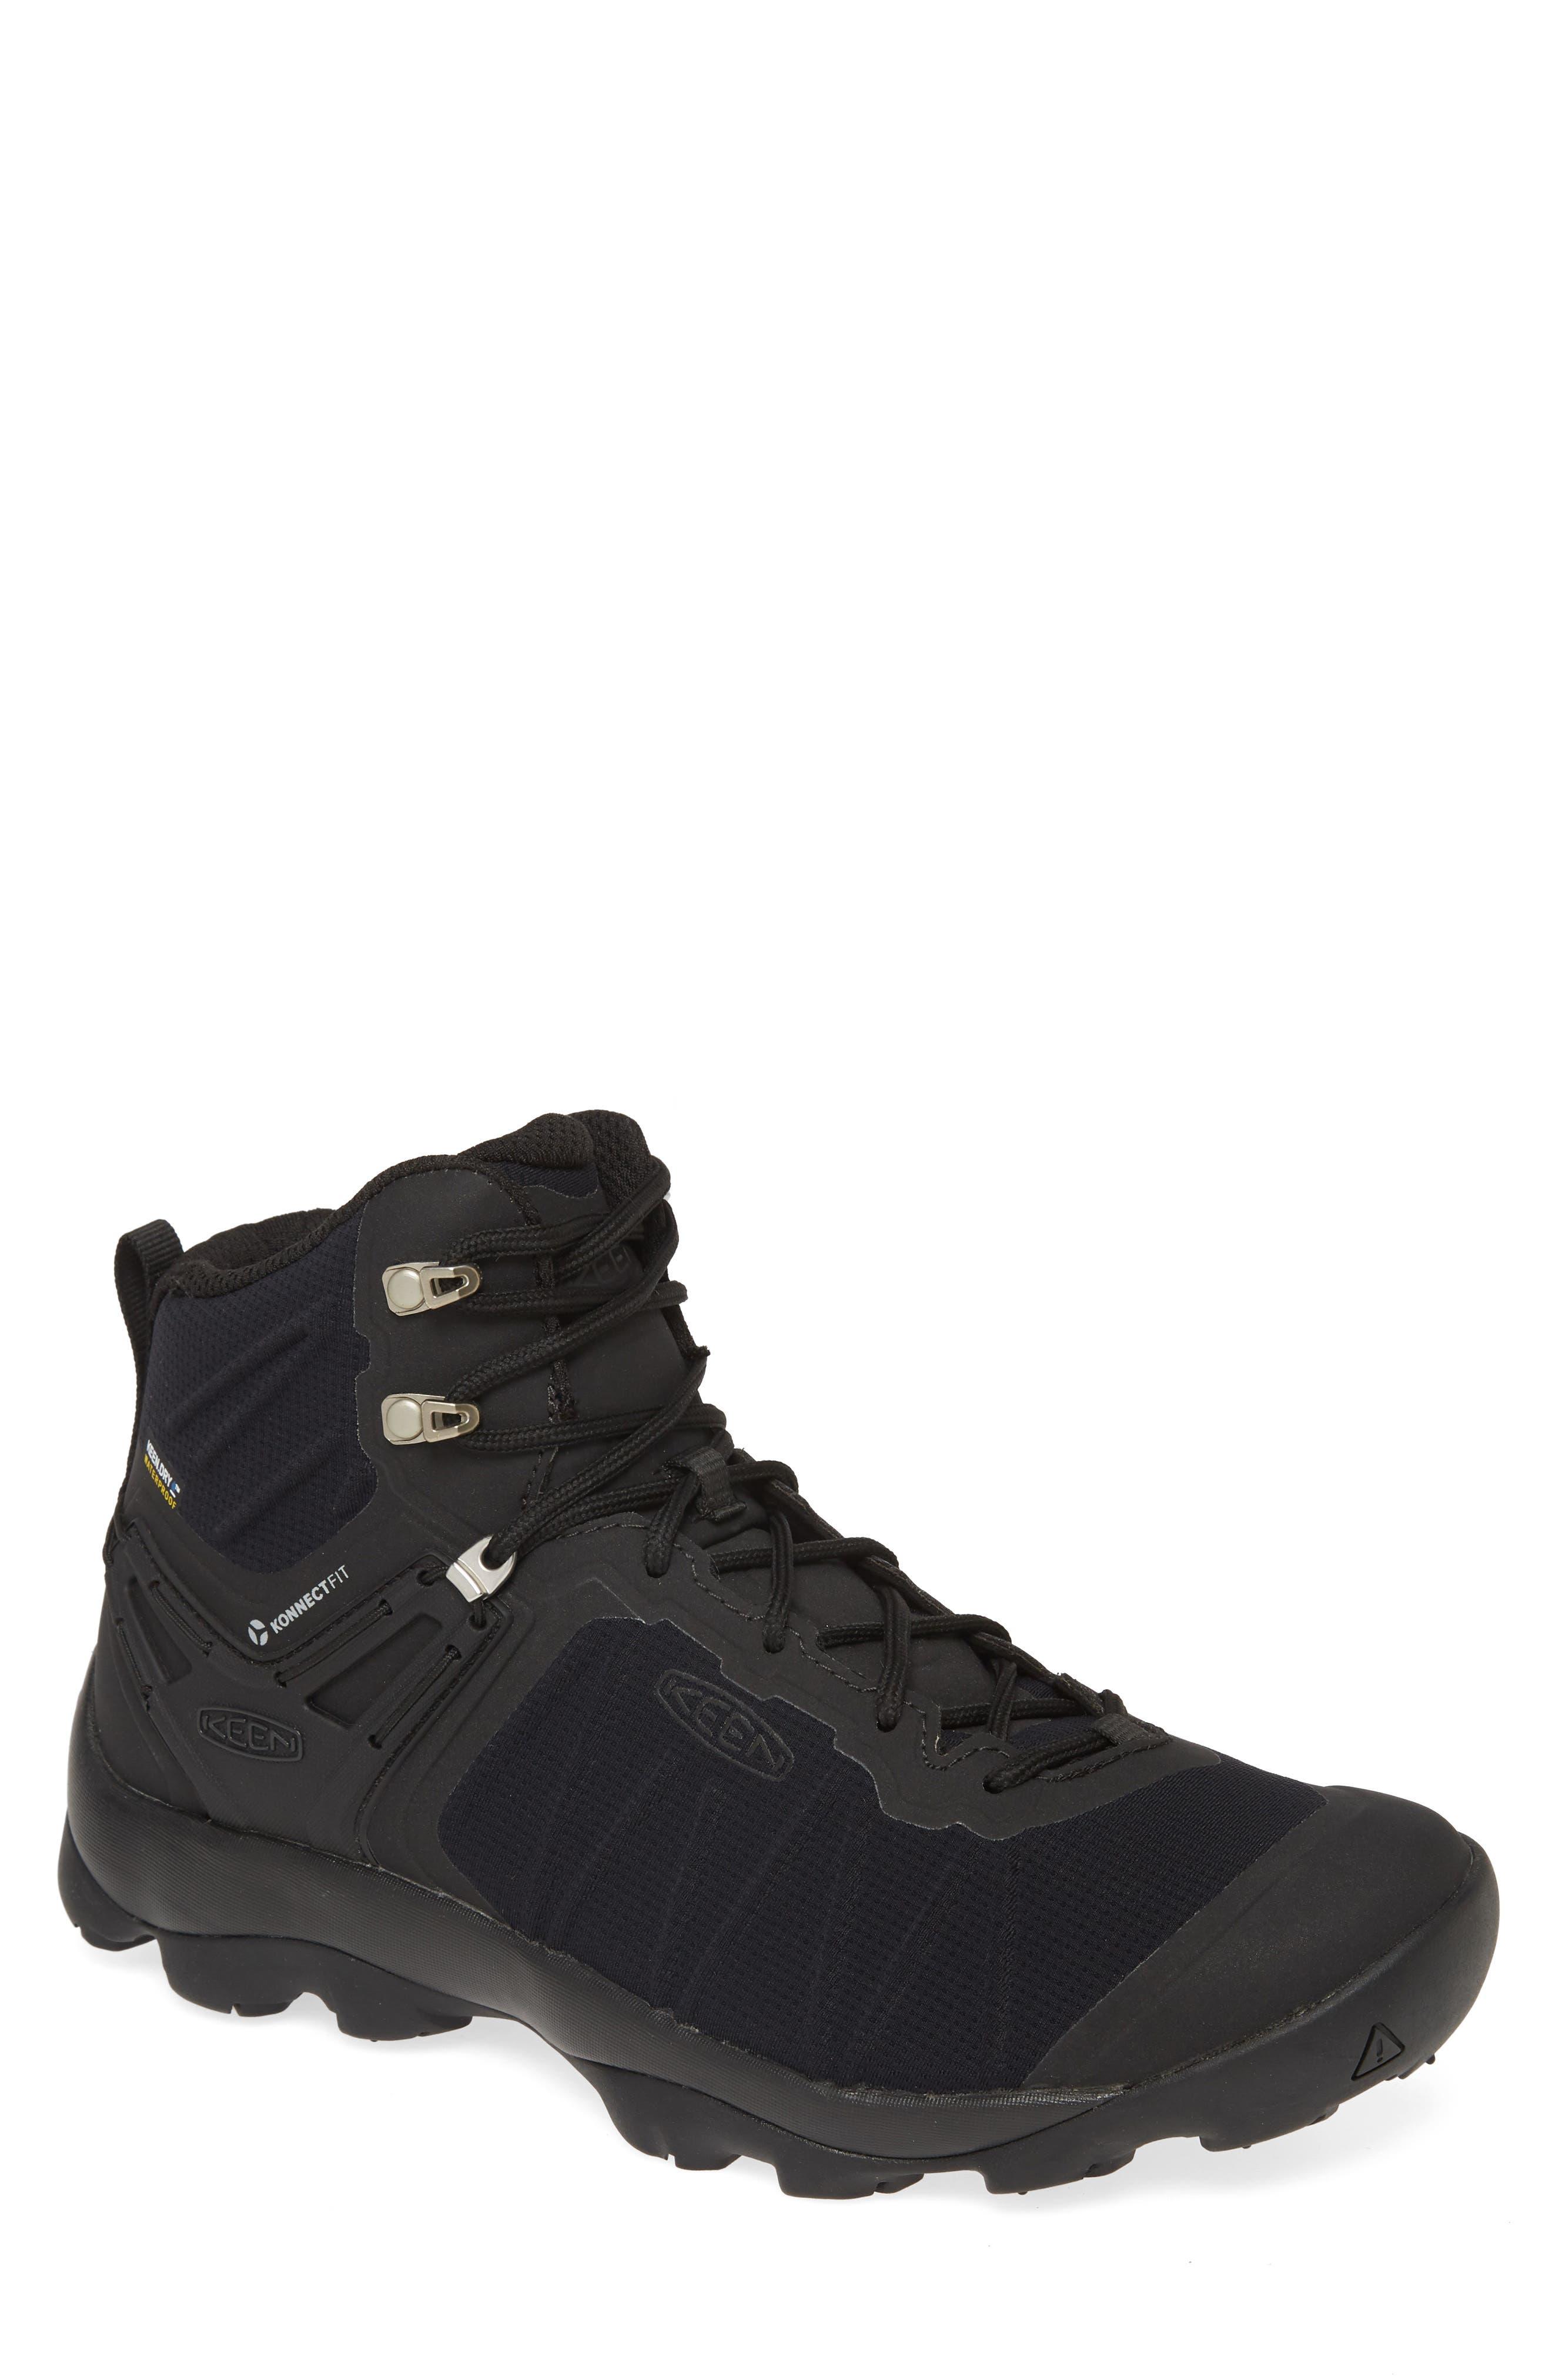 Venture Waterproof Hiking Shoe